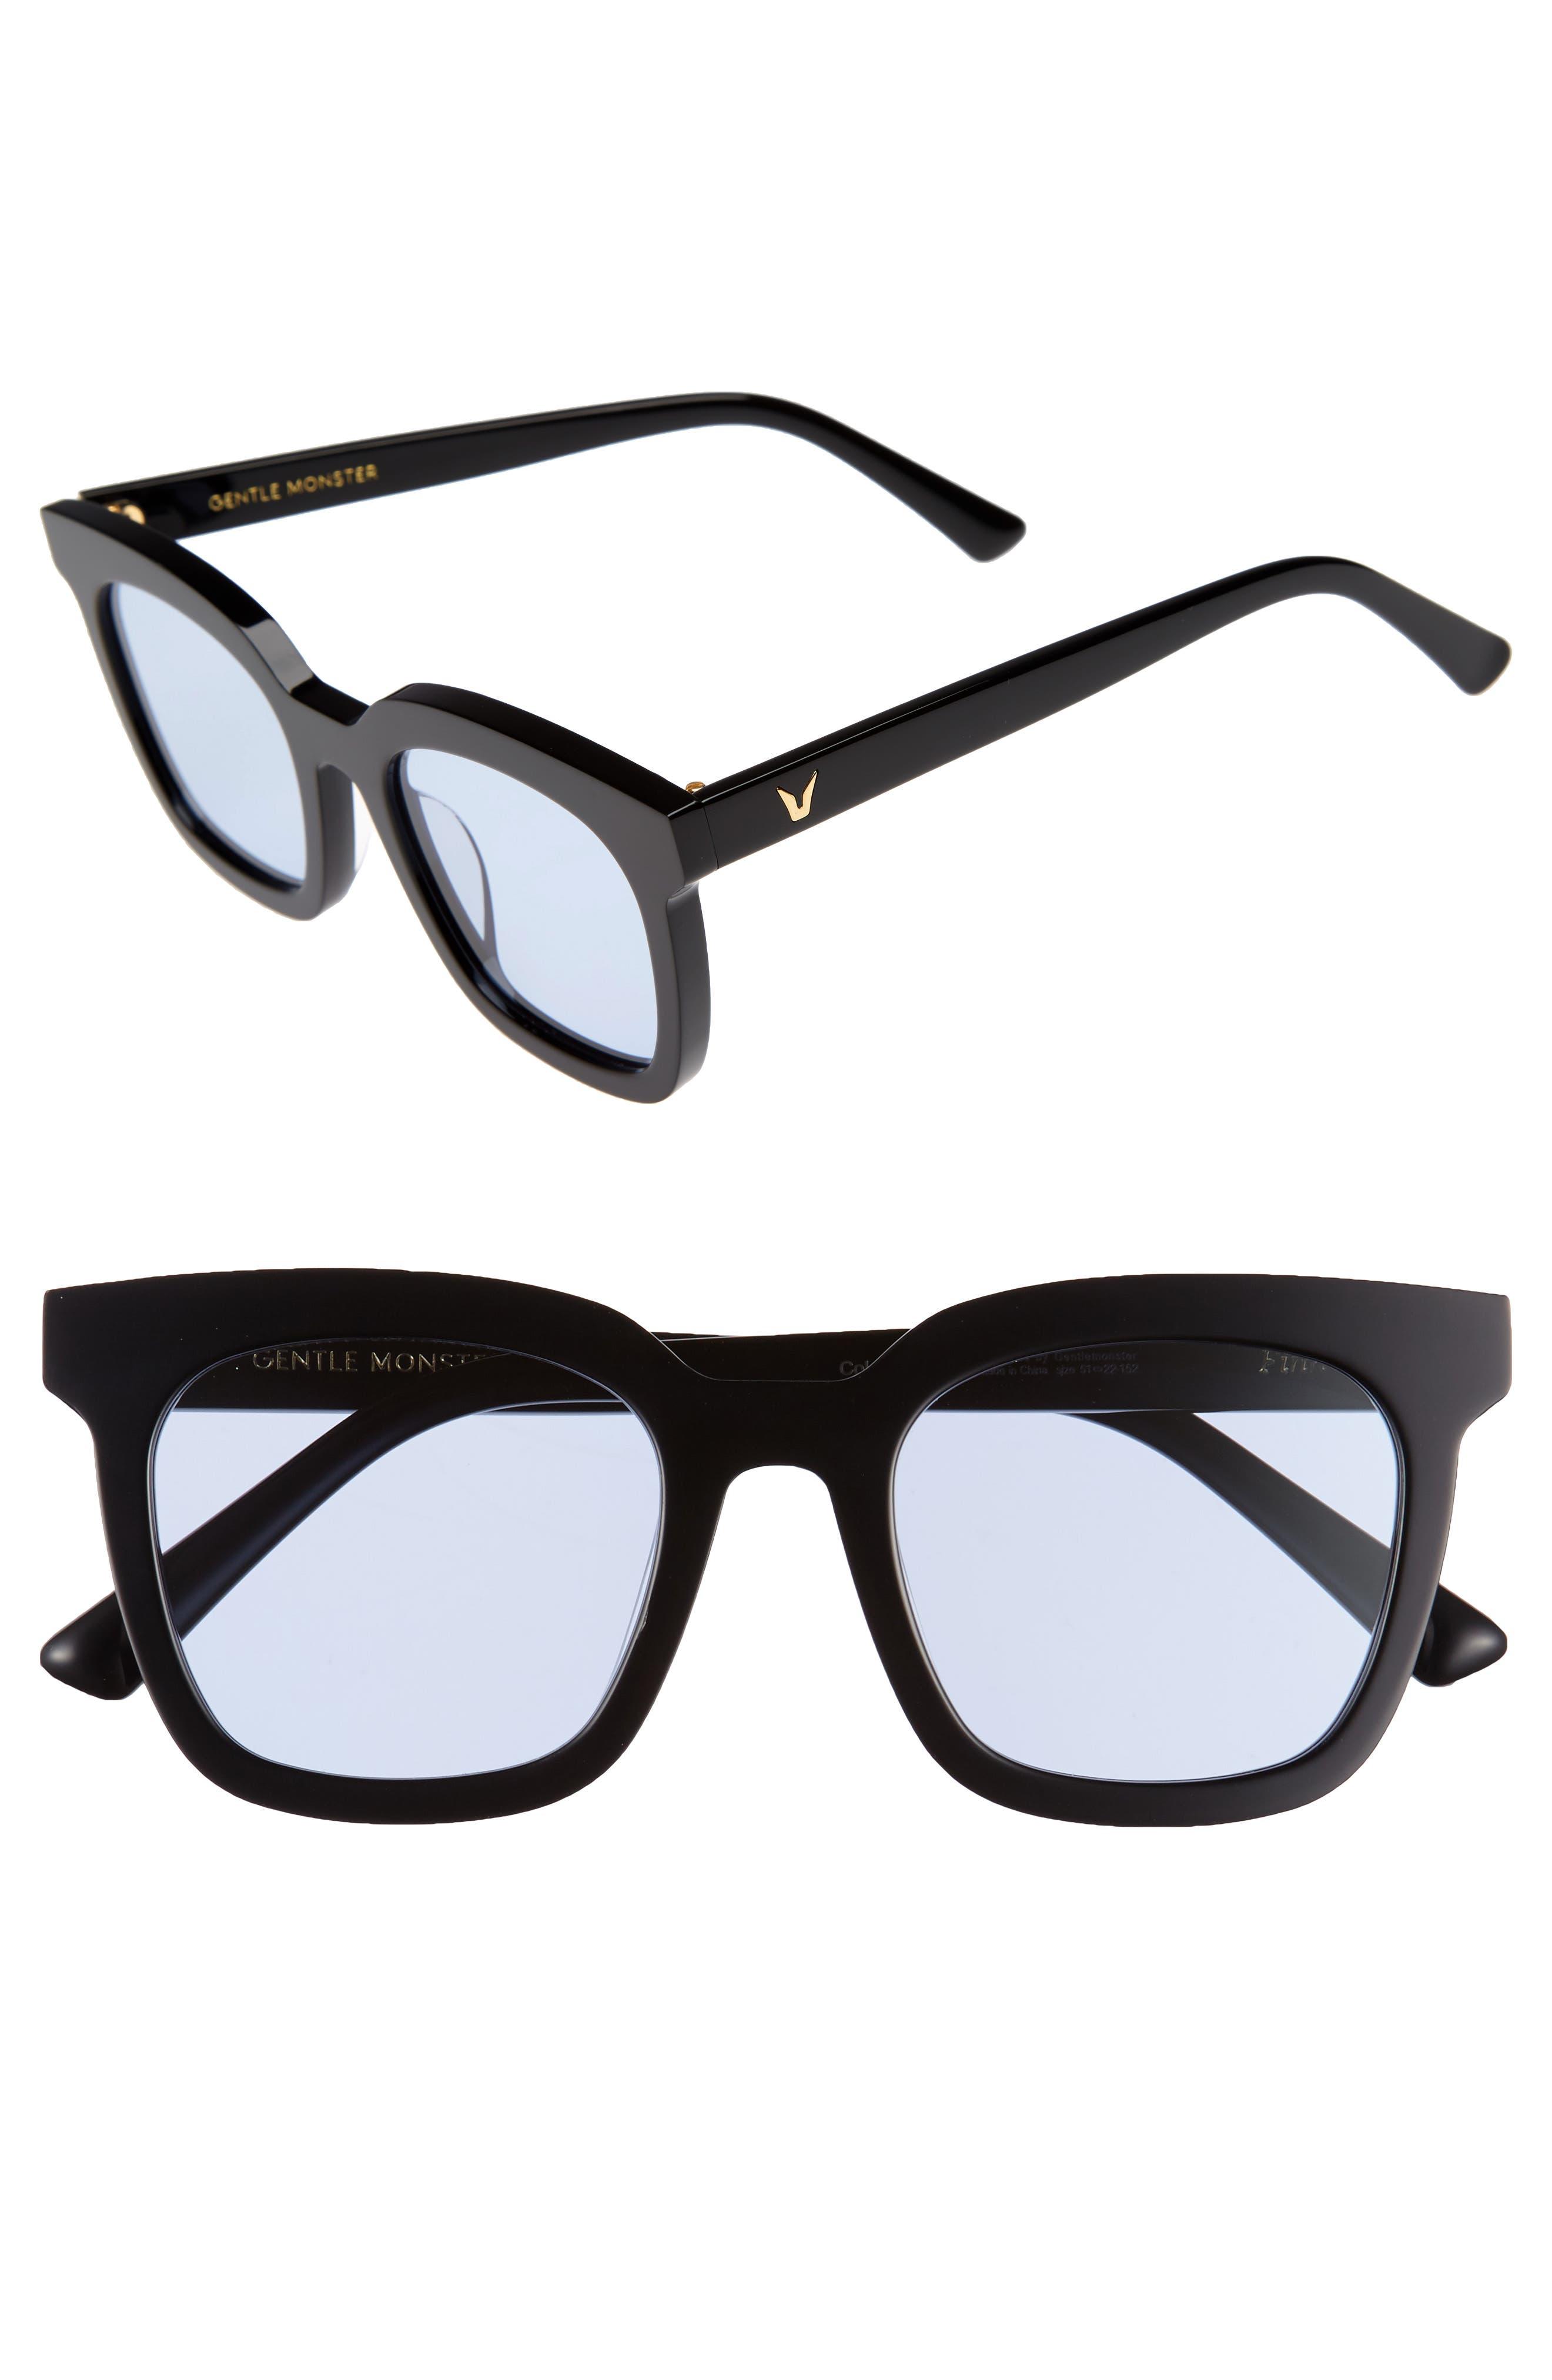 Gentle Monster Finn 51mm Sunglasses